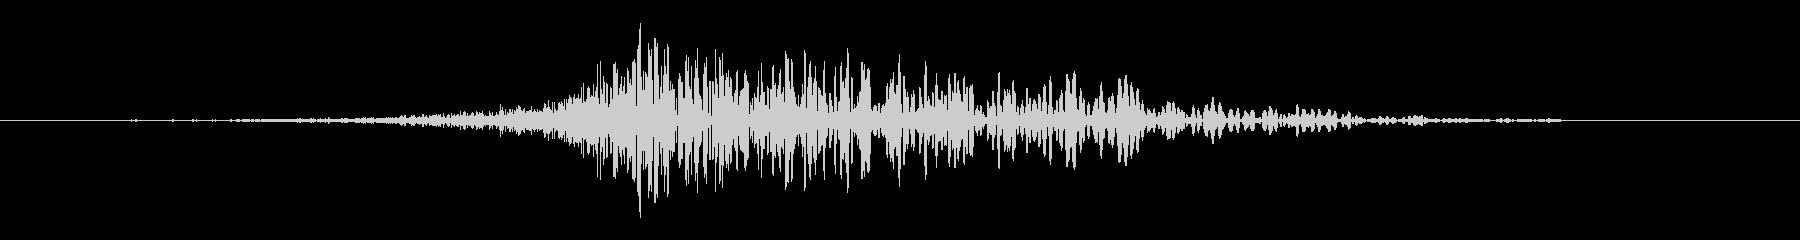 ヒューヒュー 16の未再生の波形